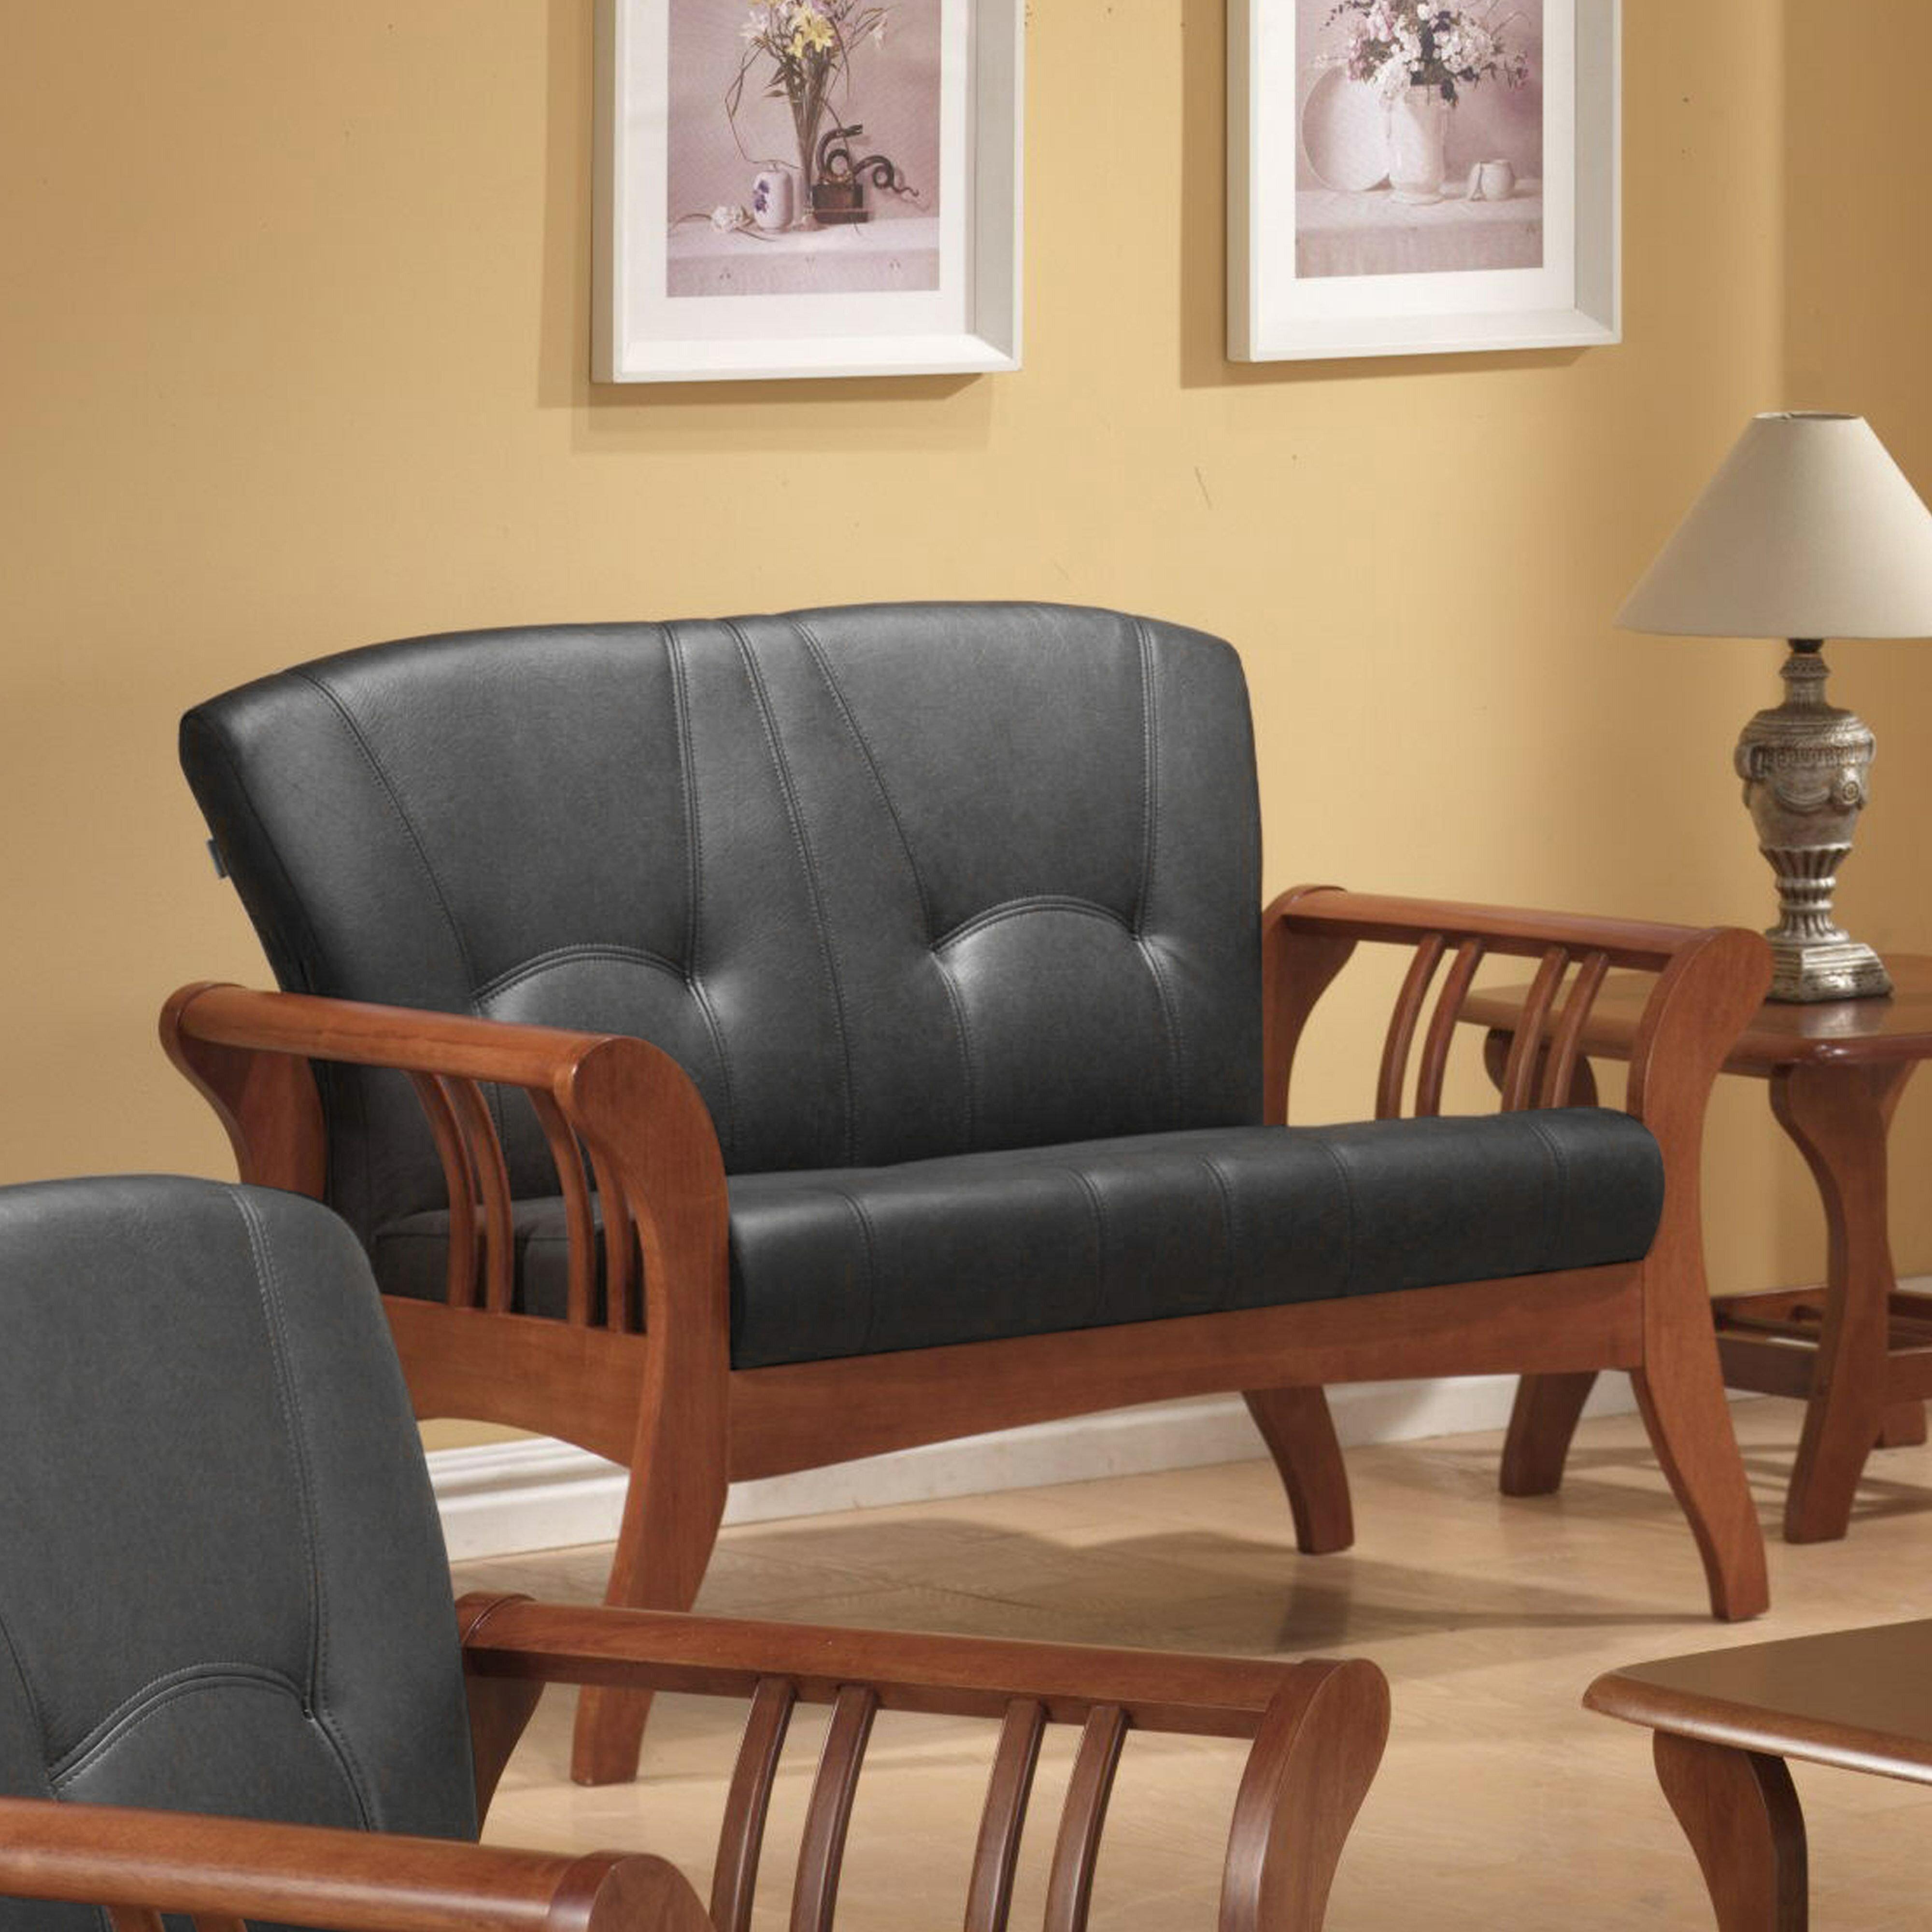 《伊豆》(促銷免運)卡其 二人沙發 全實木 二人位沙發 二人座 皮沙發 木製沙發 工廠直營 辦公沙發 組椅 !新生活家具! 樂天雙12